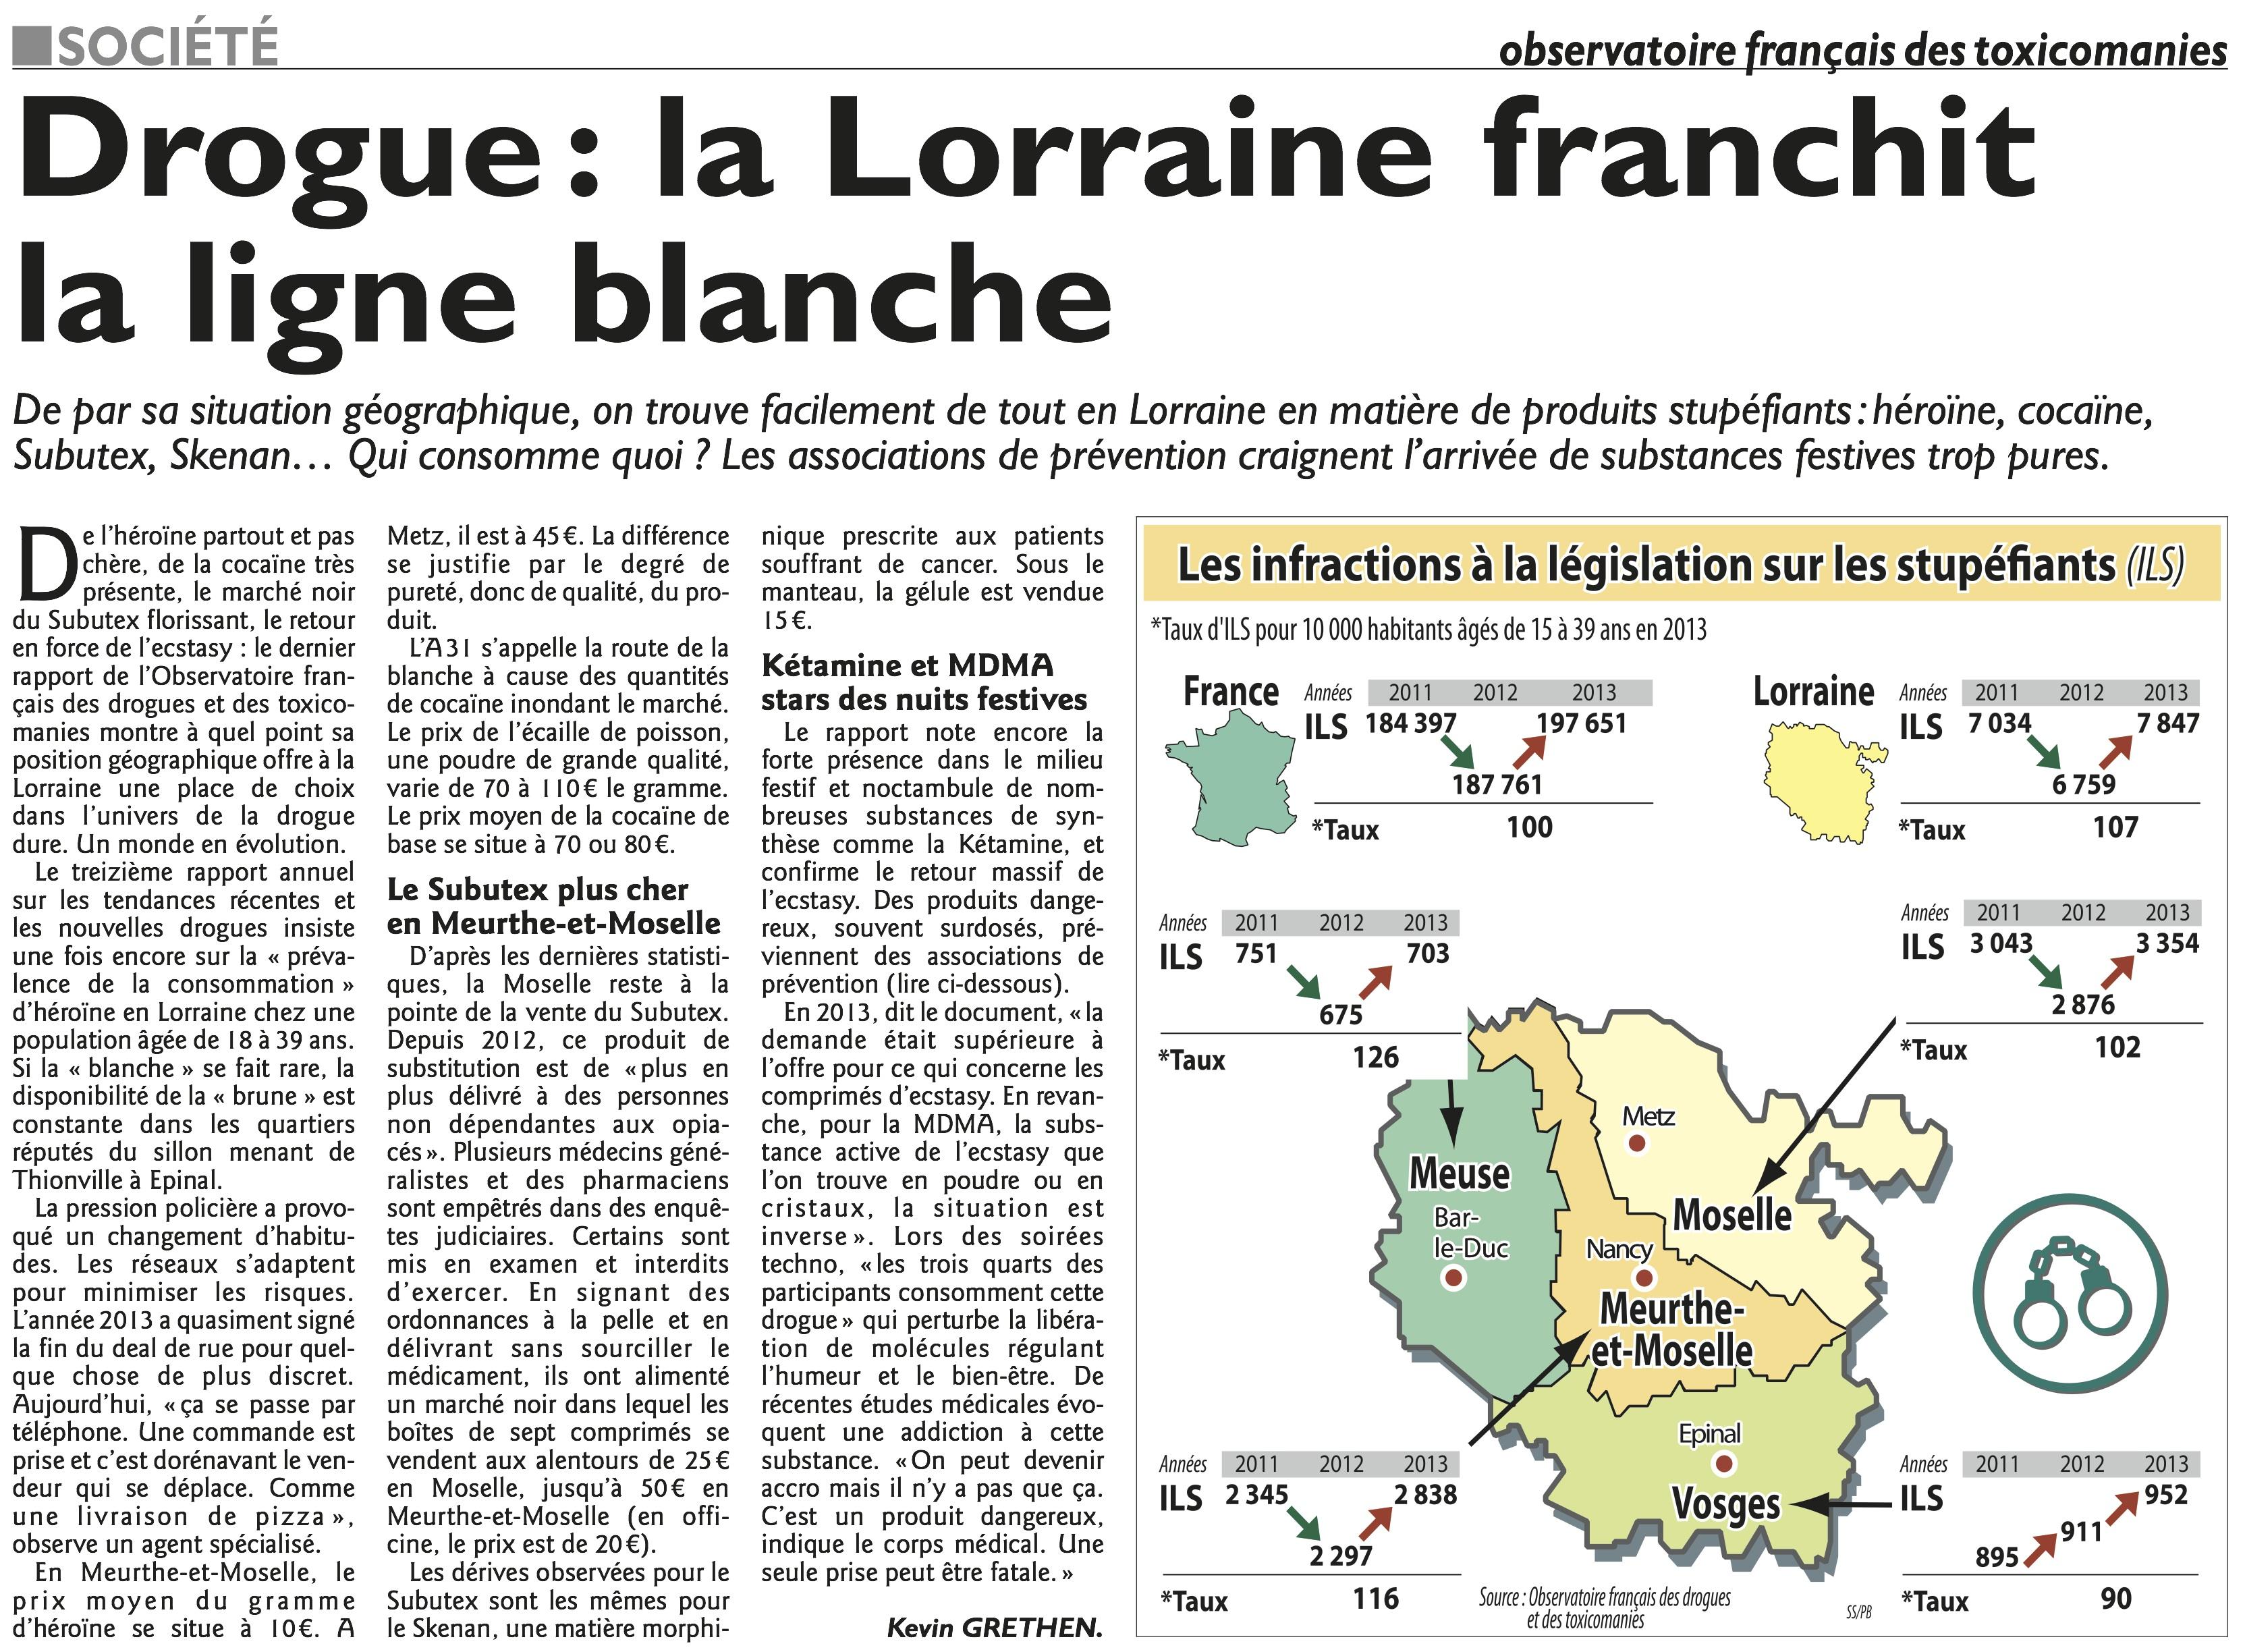 Publication dans le républicain lorrain du rapport Trend 2014 de Metz Lorraine